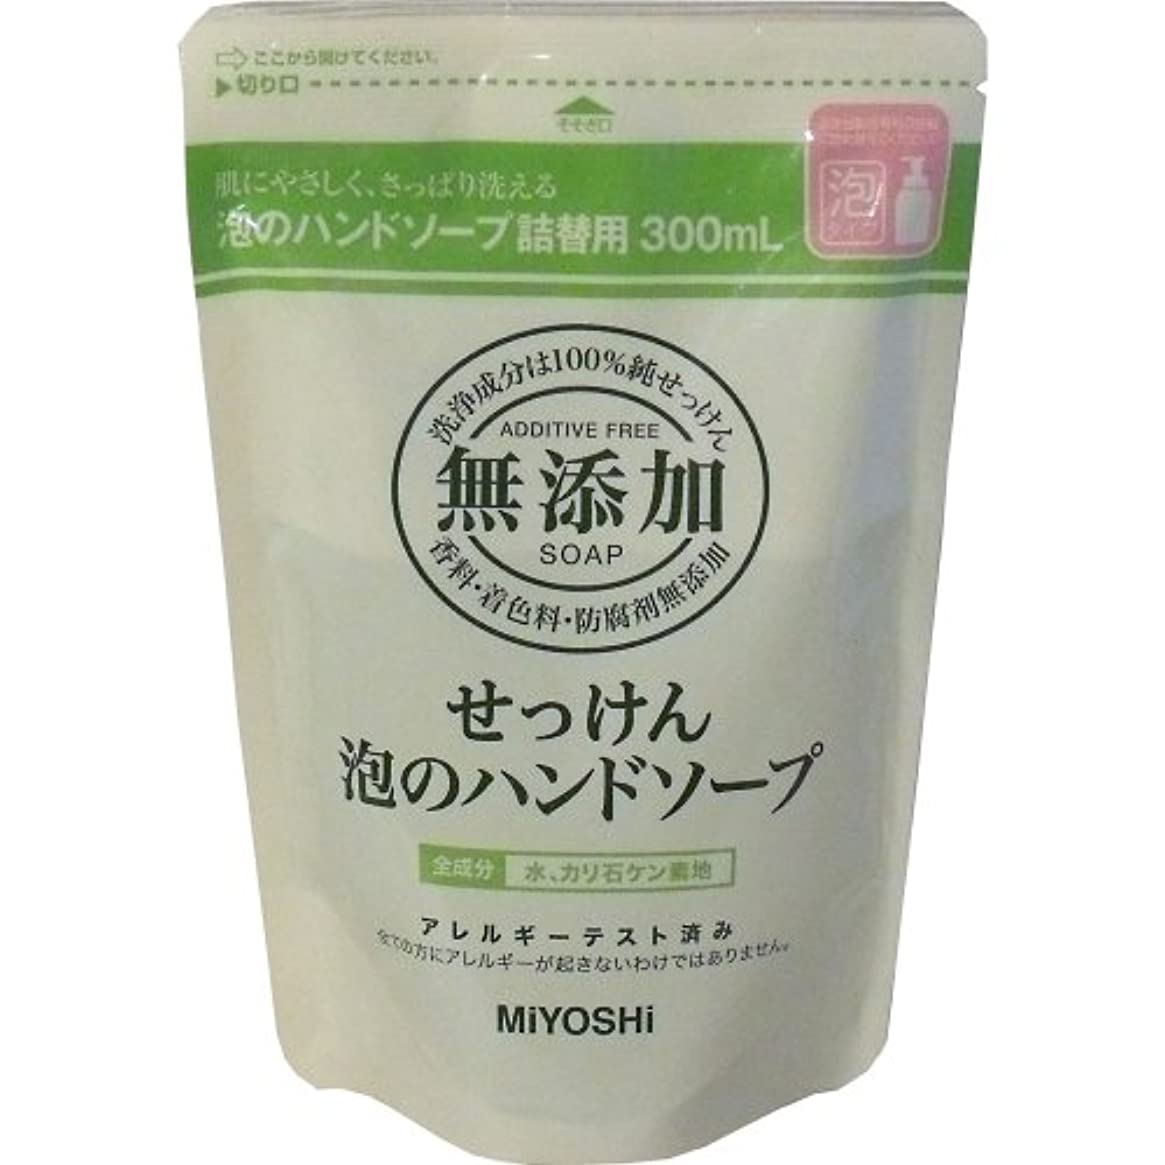 家庭六分儀クロスミヨシ石鹸 無添加せっけん泡ハンドソープ 詰替用300ml×5